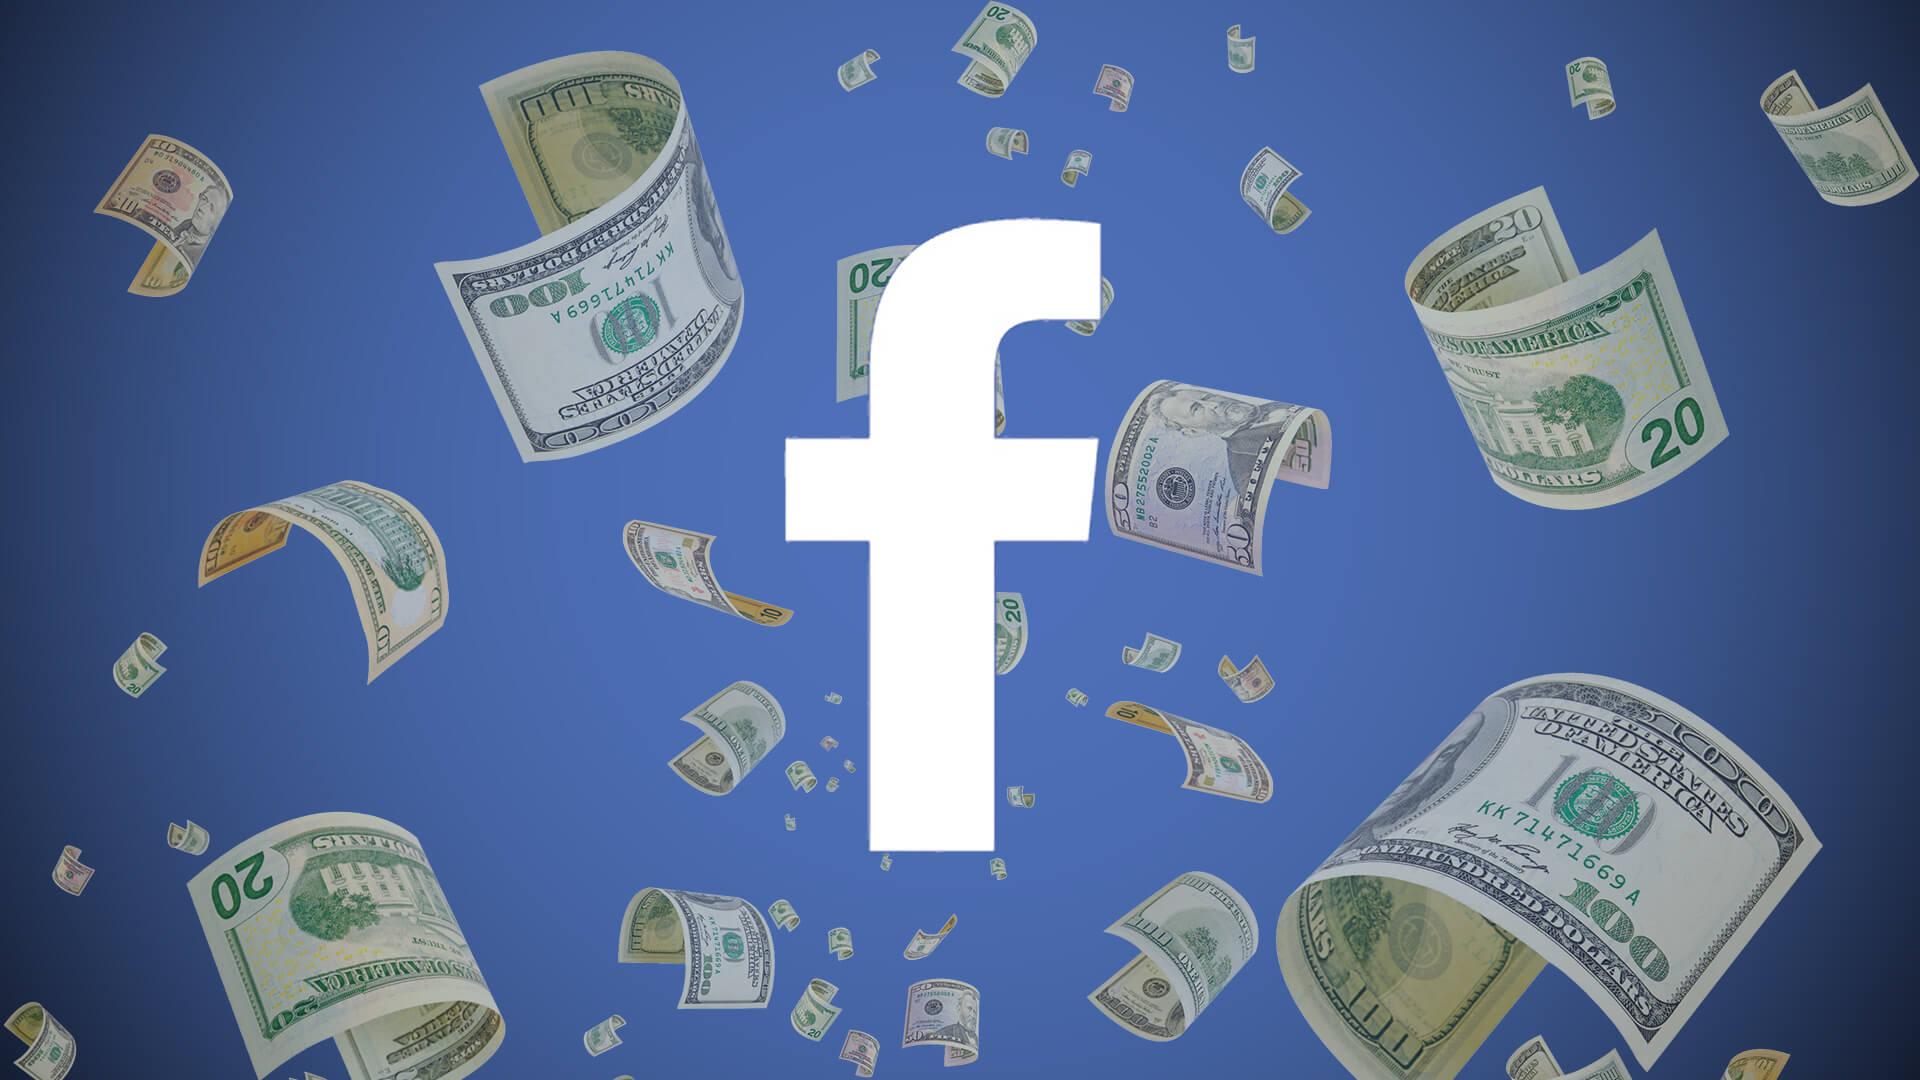 Стандарты эффективности рекламы в Facebook по каждой отрасли. Статистика